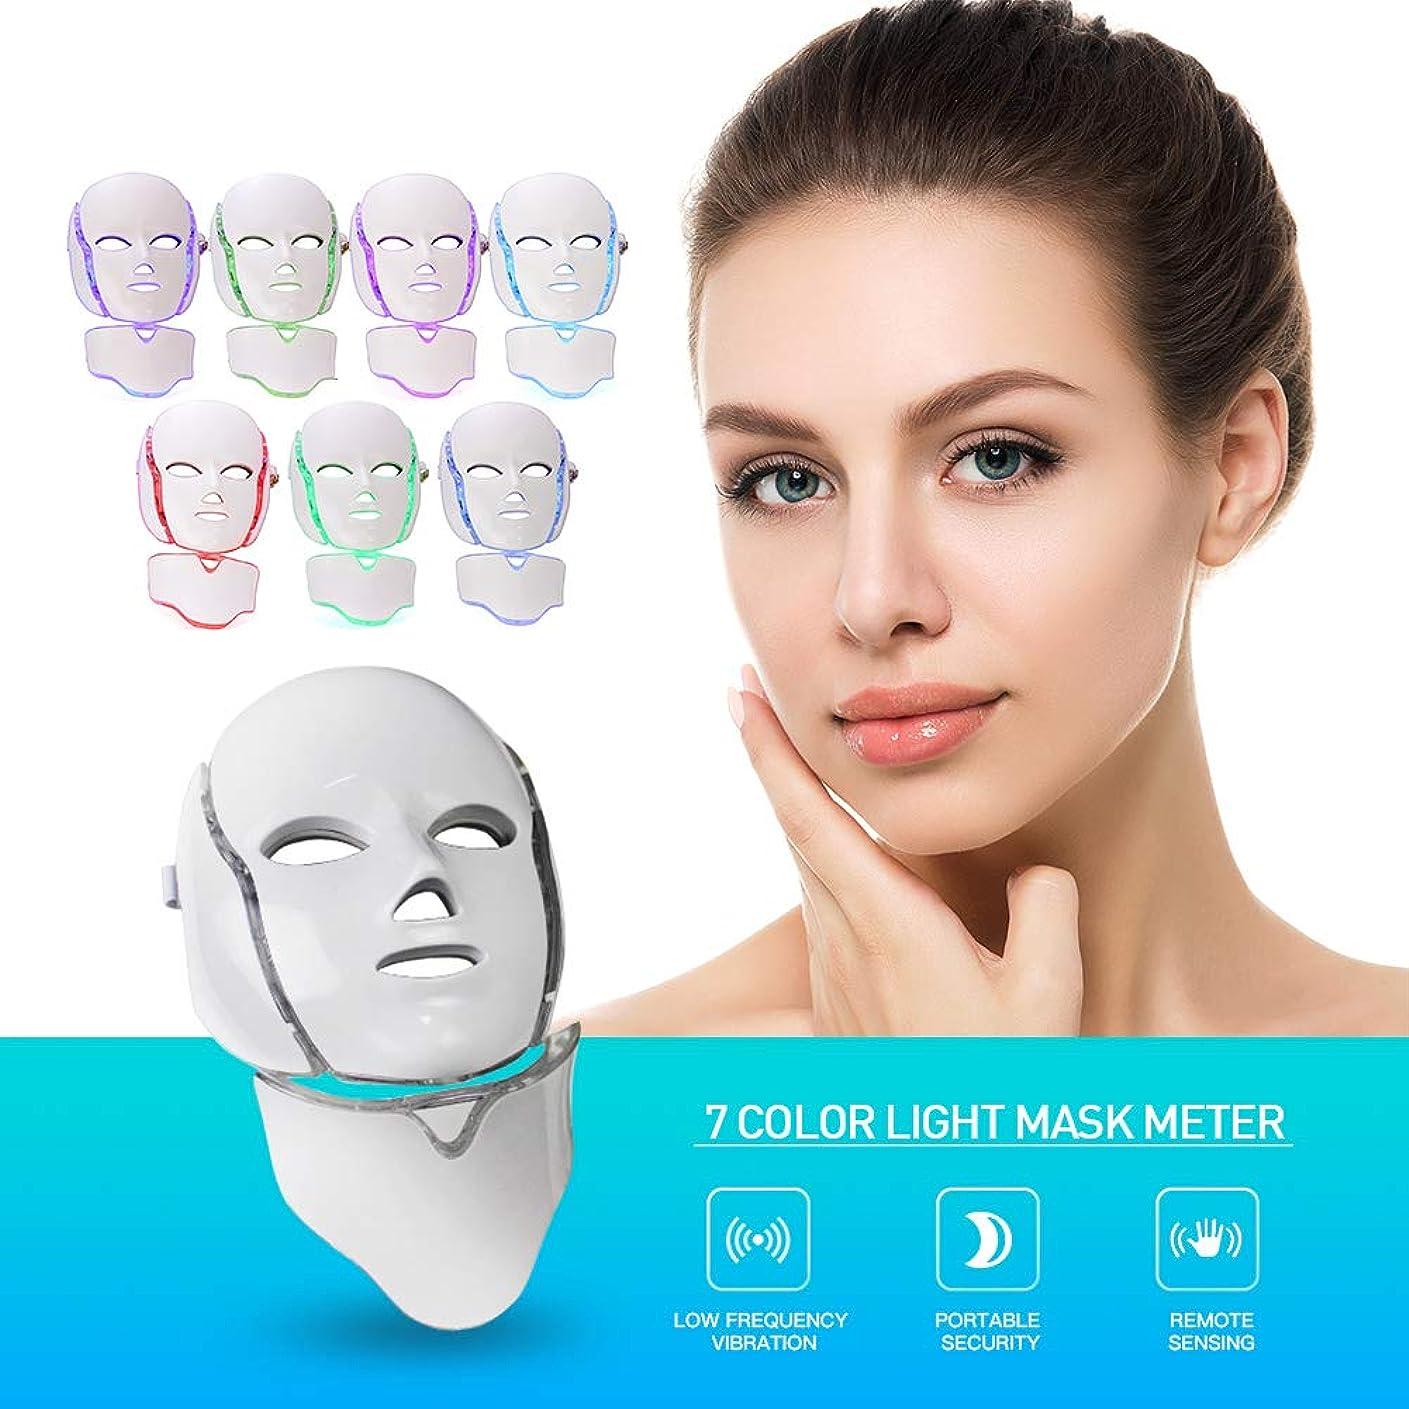 舞い上がる団結する抗生物質RAAKIMO 美容マスク 光エステ 美顔とネック美容 LED7色 多機能 5段階光量 照射時間設定 シワ/毛穴ケア リモコン付き